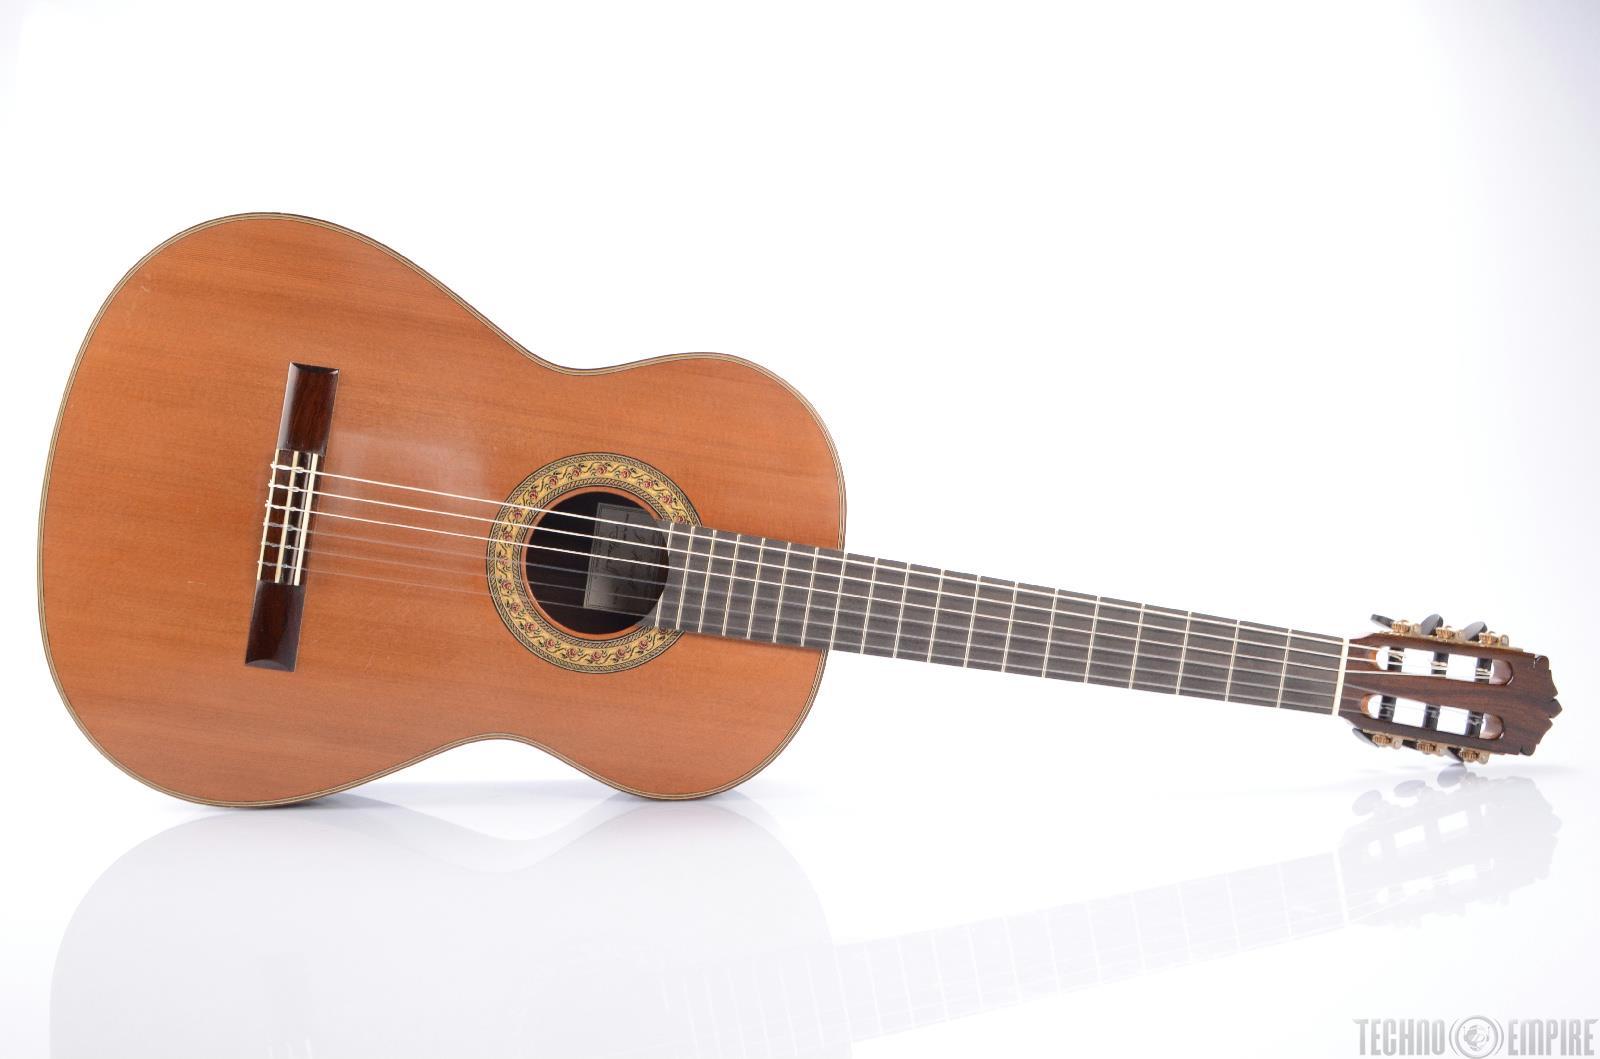 2005 Howell & Forsyth No. CC 4 Concert Classical Guitar w/ TKL Case #21740